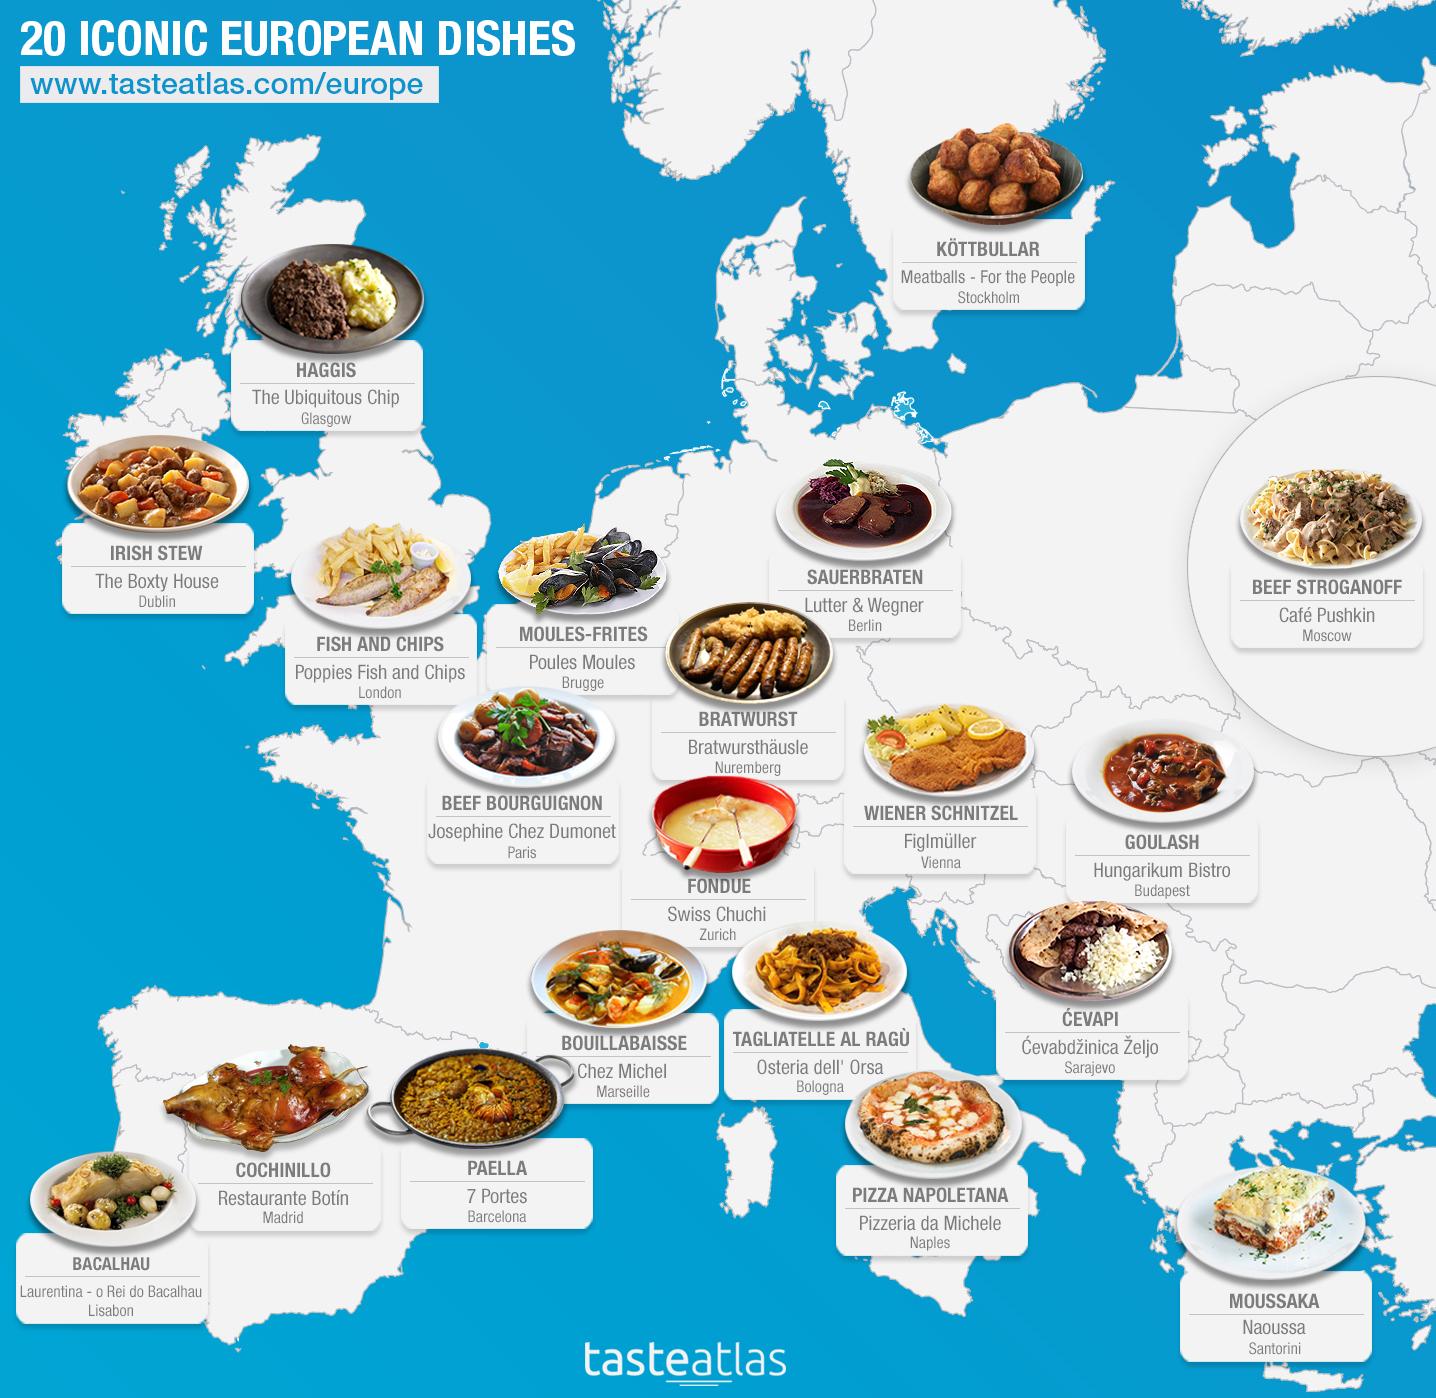 Trend Regional Cuisine Ideas